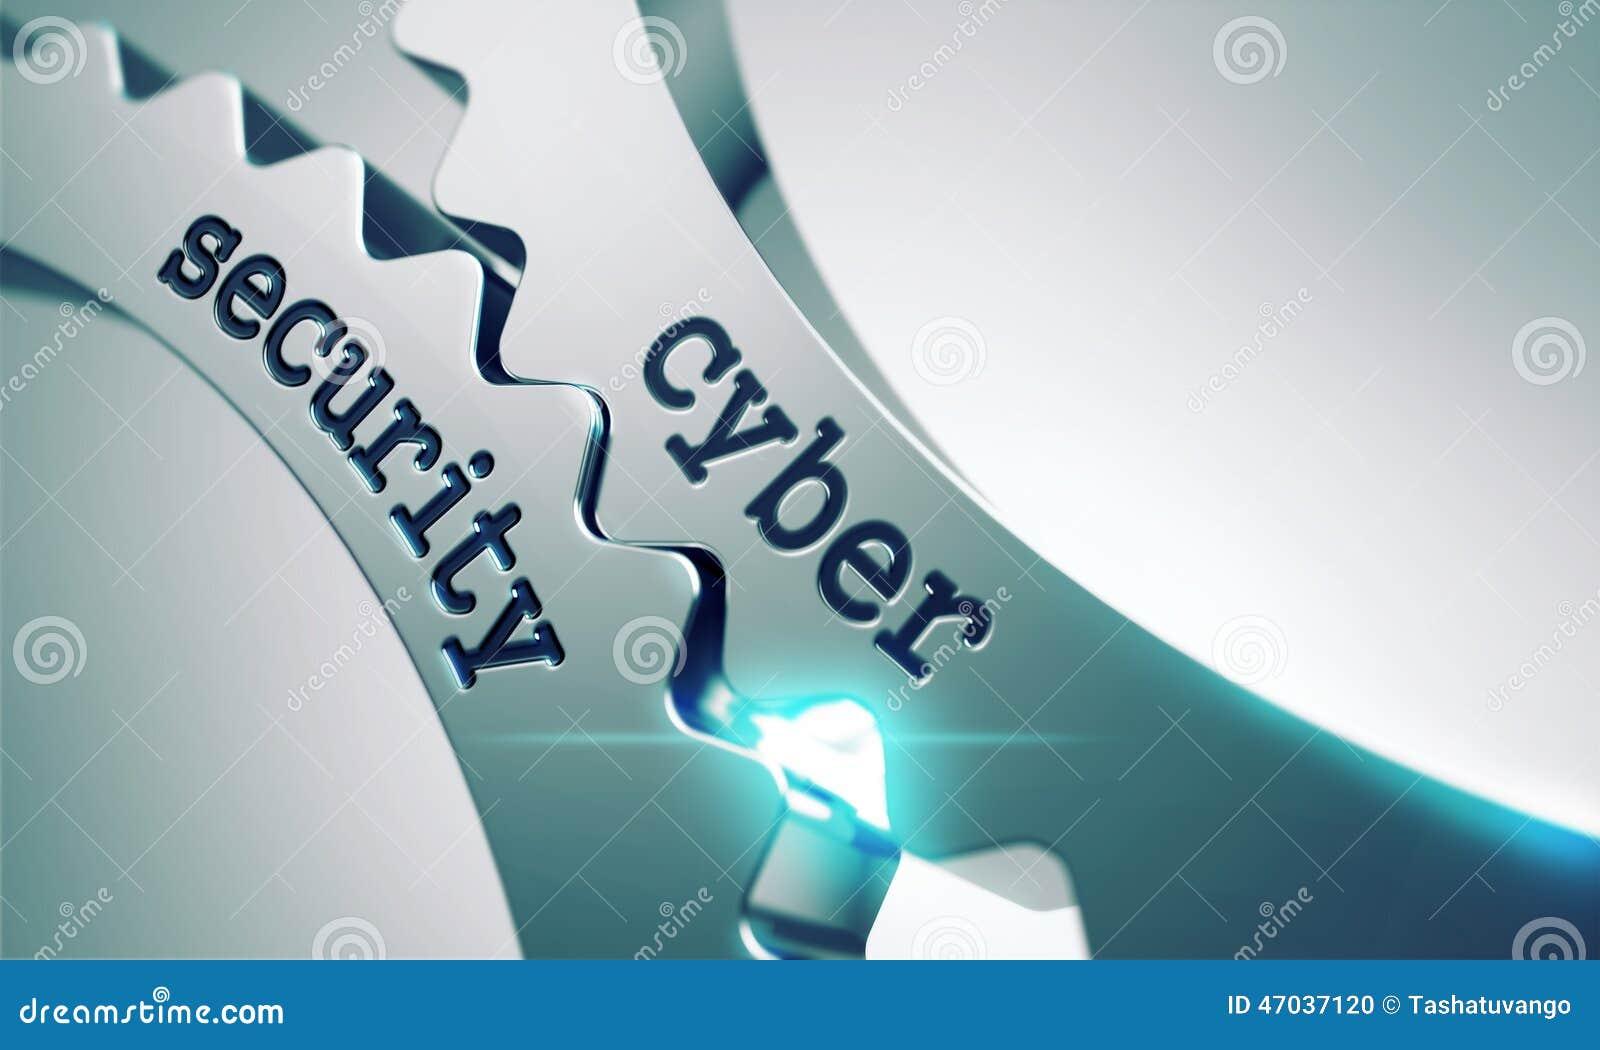 Seguridad cibernética en los engranajes